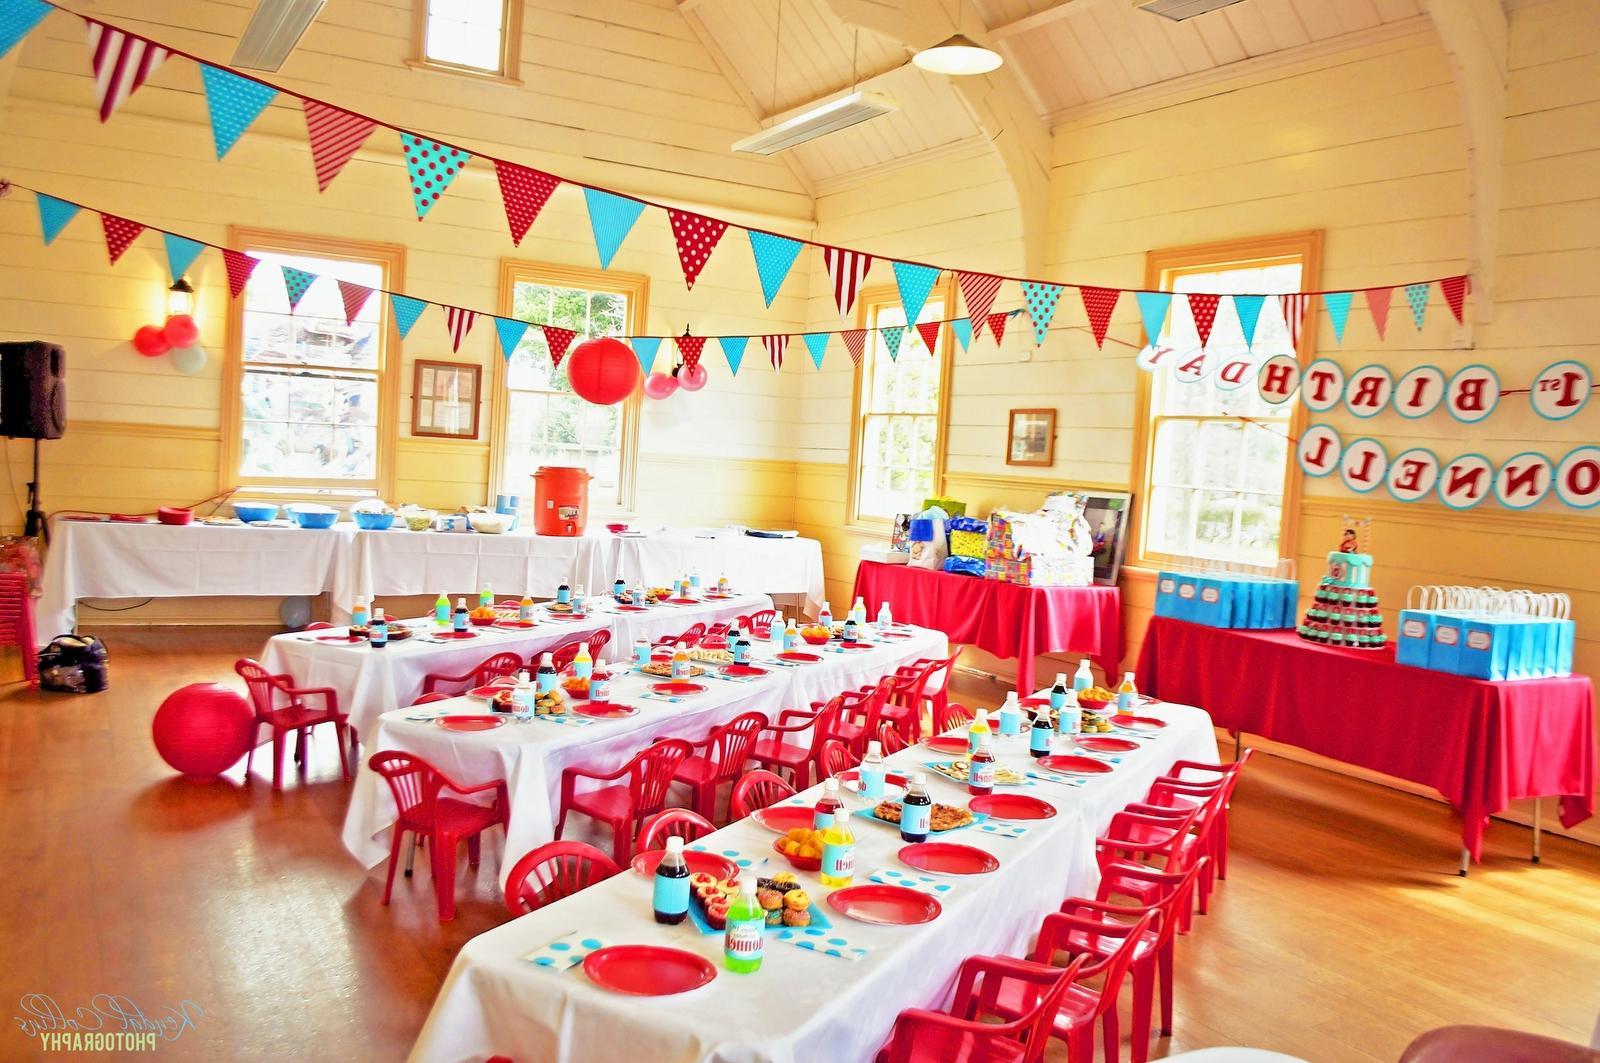 10 Wonderful 3 Year Old Party Ideas ideas for boy birthday party at home 9 year old boy birthday party 2021